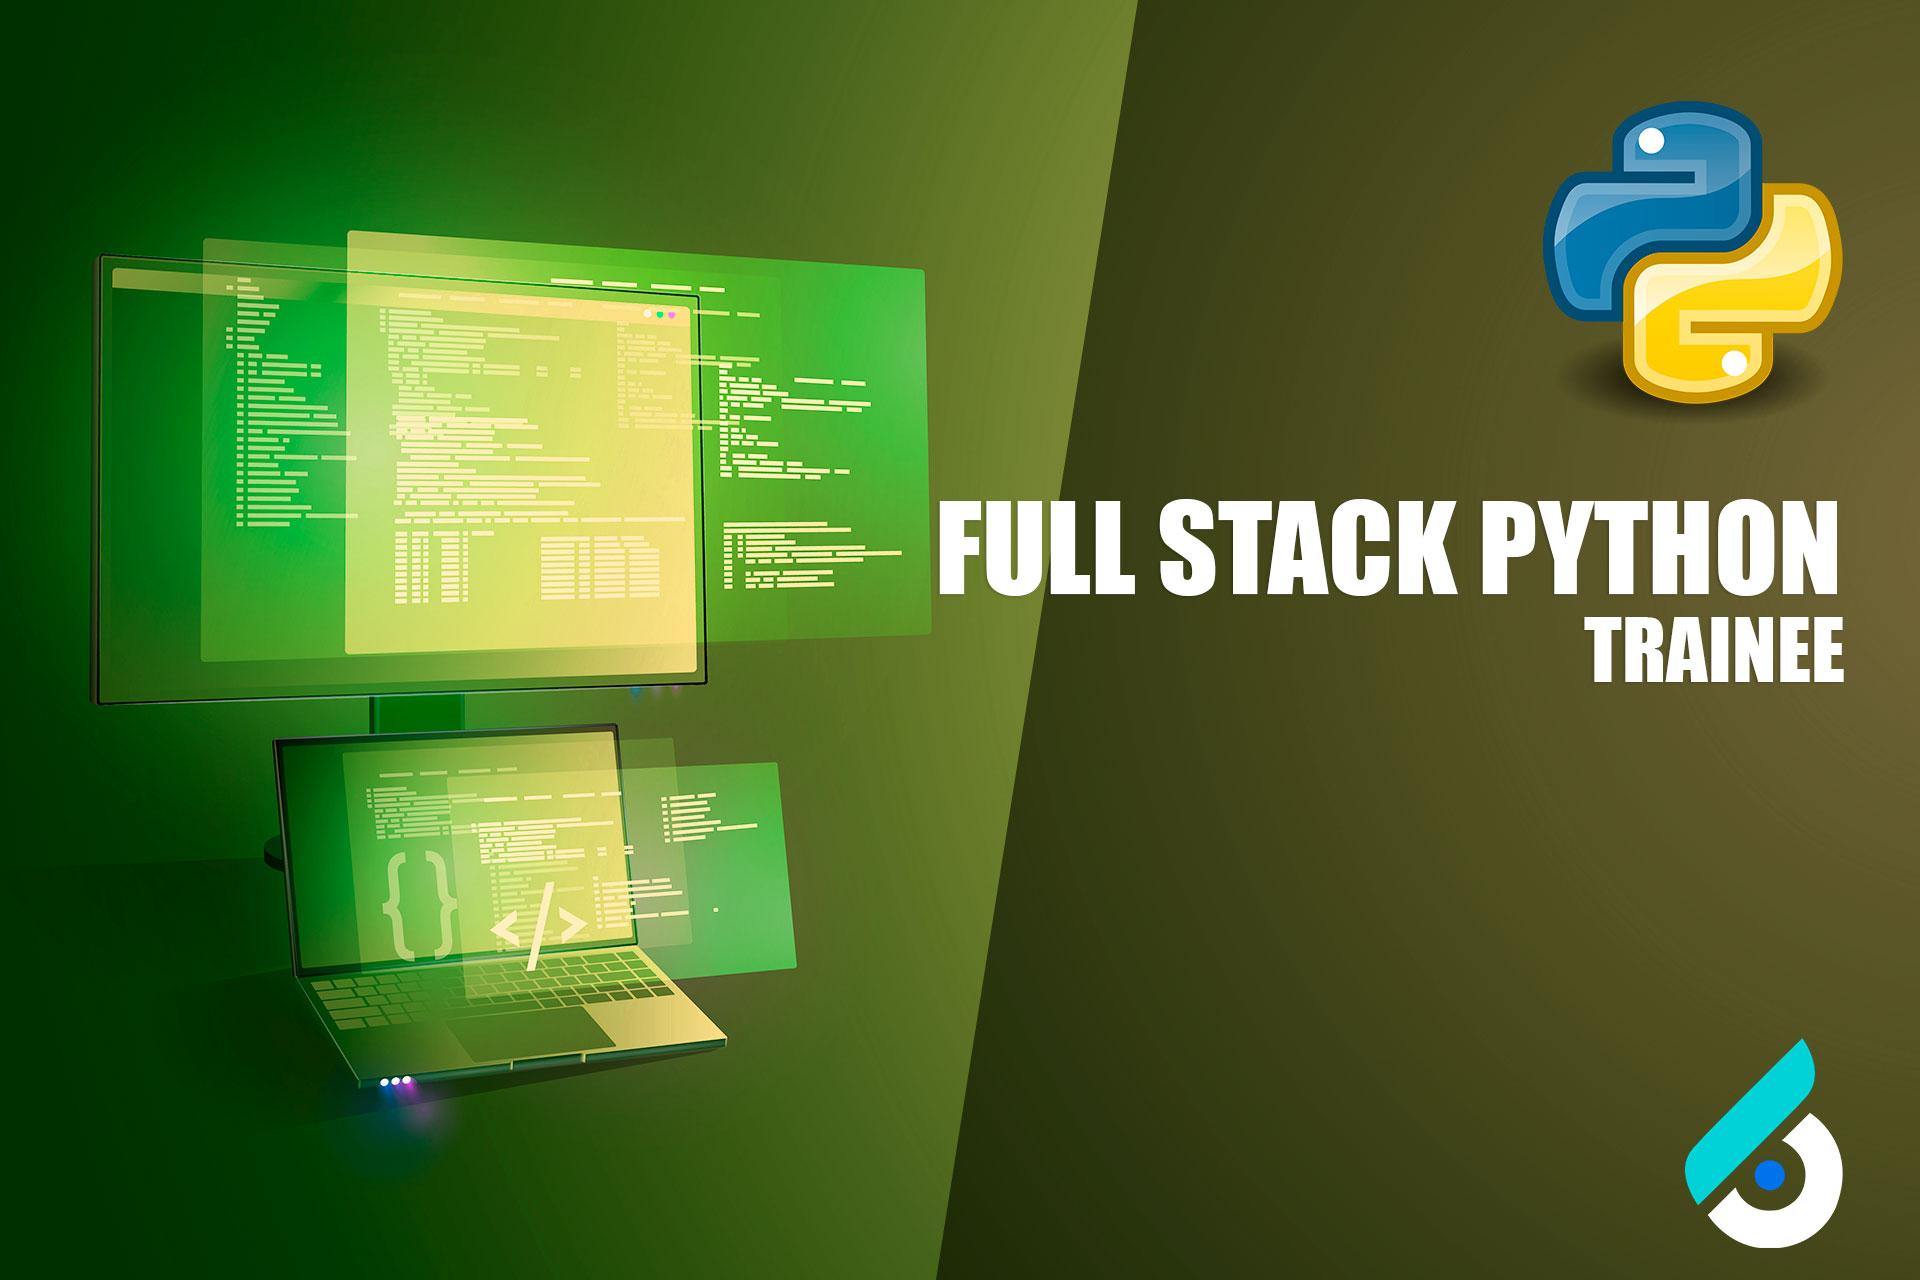 RLAB-20-01-13-0154-1 | Desarrollo de Aplicaciones Full Stack Python Trainee